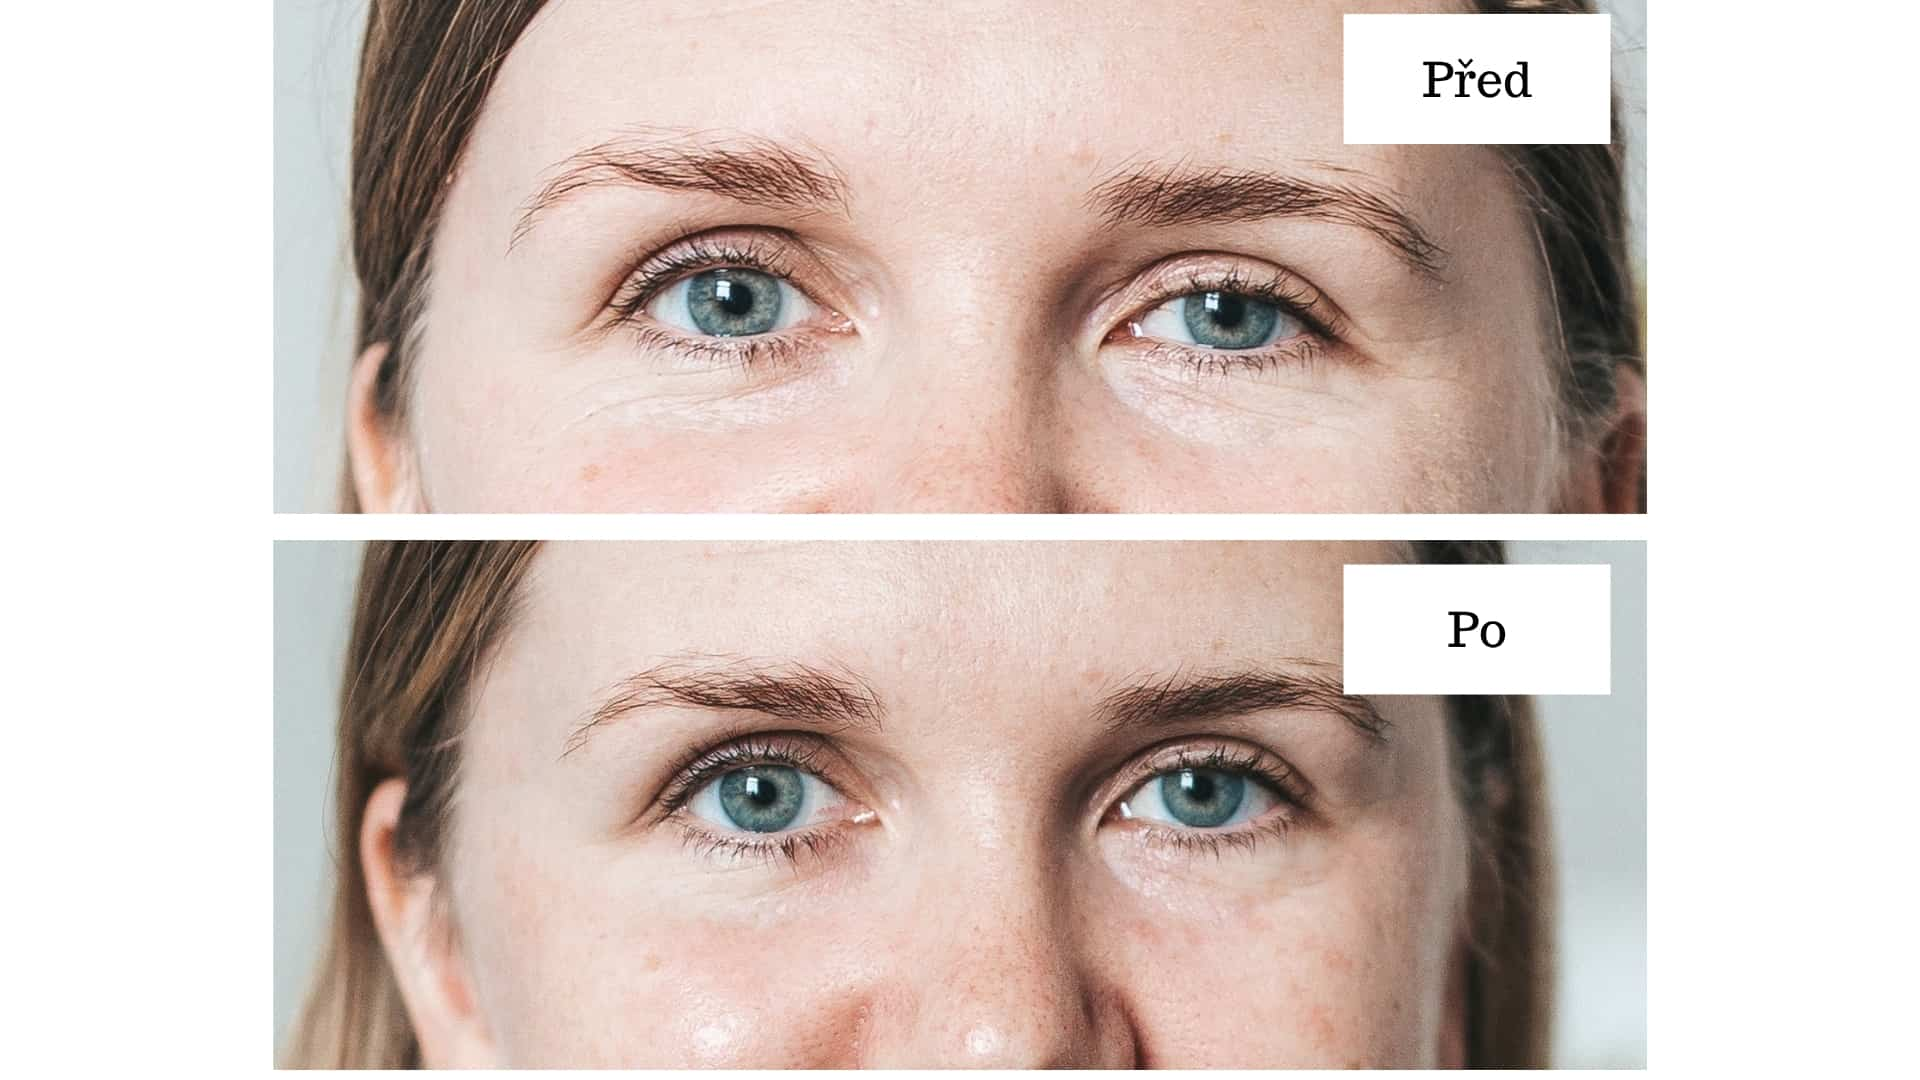 nano-eye-lift-pred-po